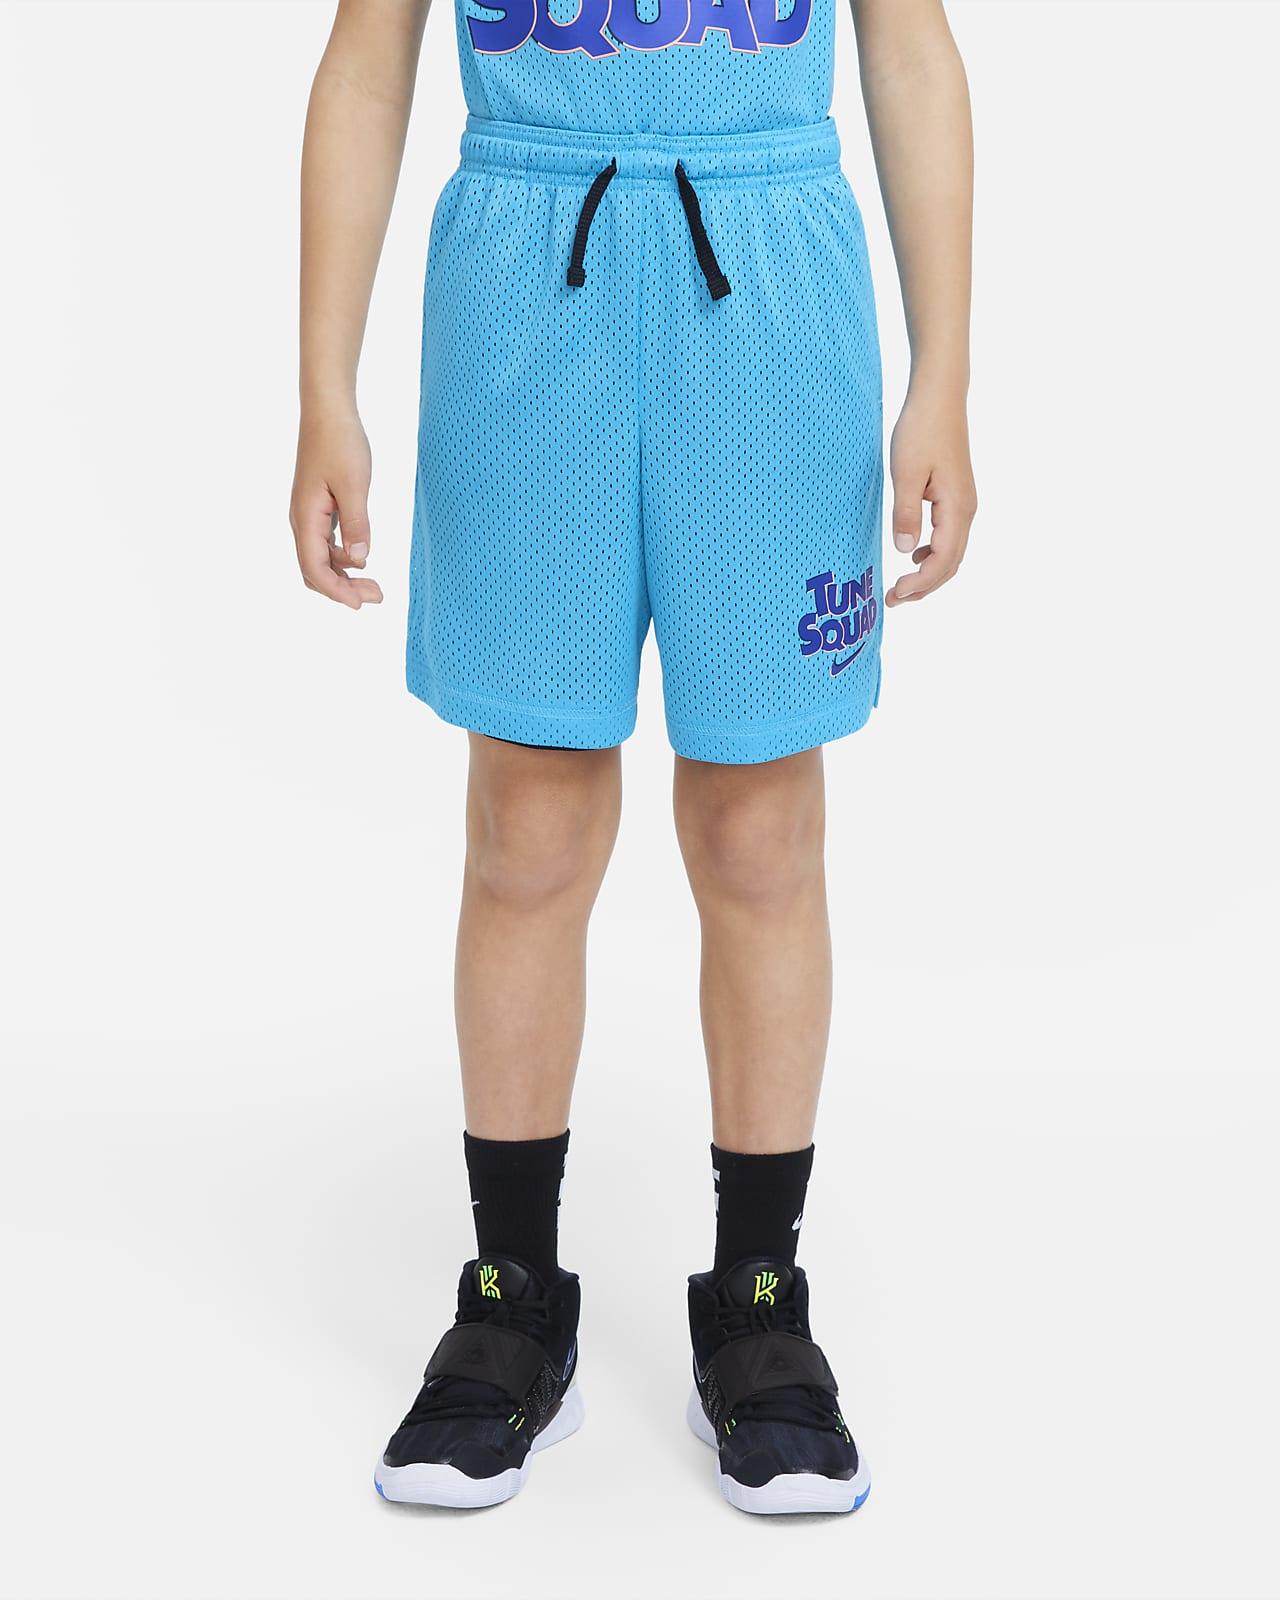 ナイキ x スペース・プレイヤーズ ジュニア DNA バスケットボールショートパンツ